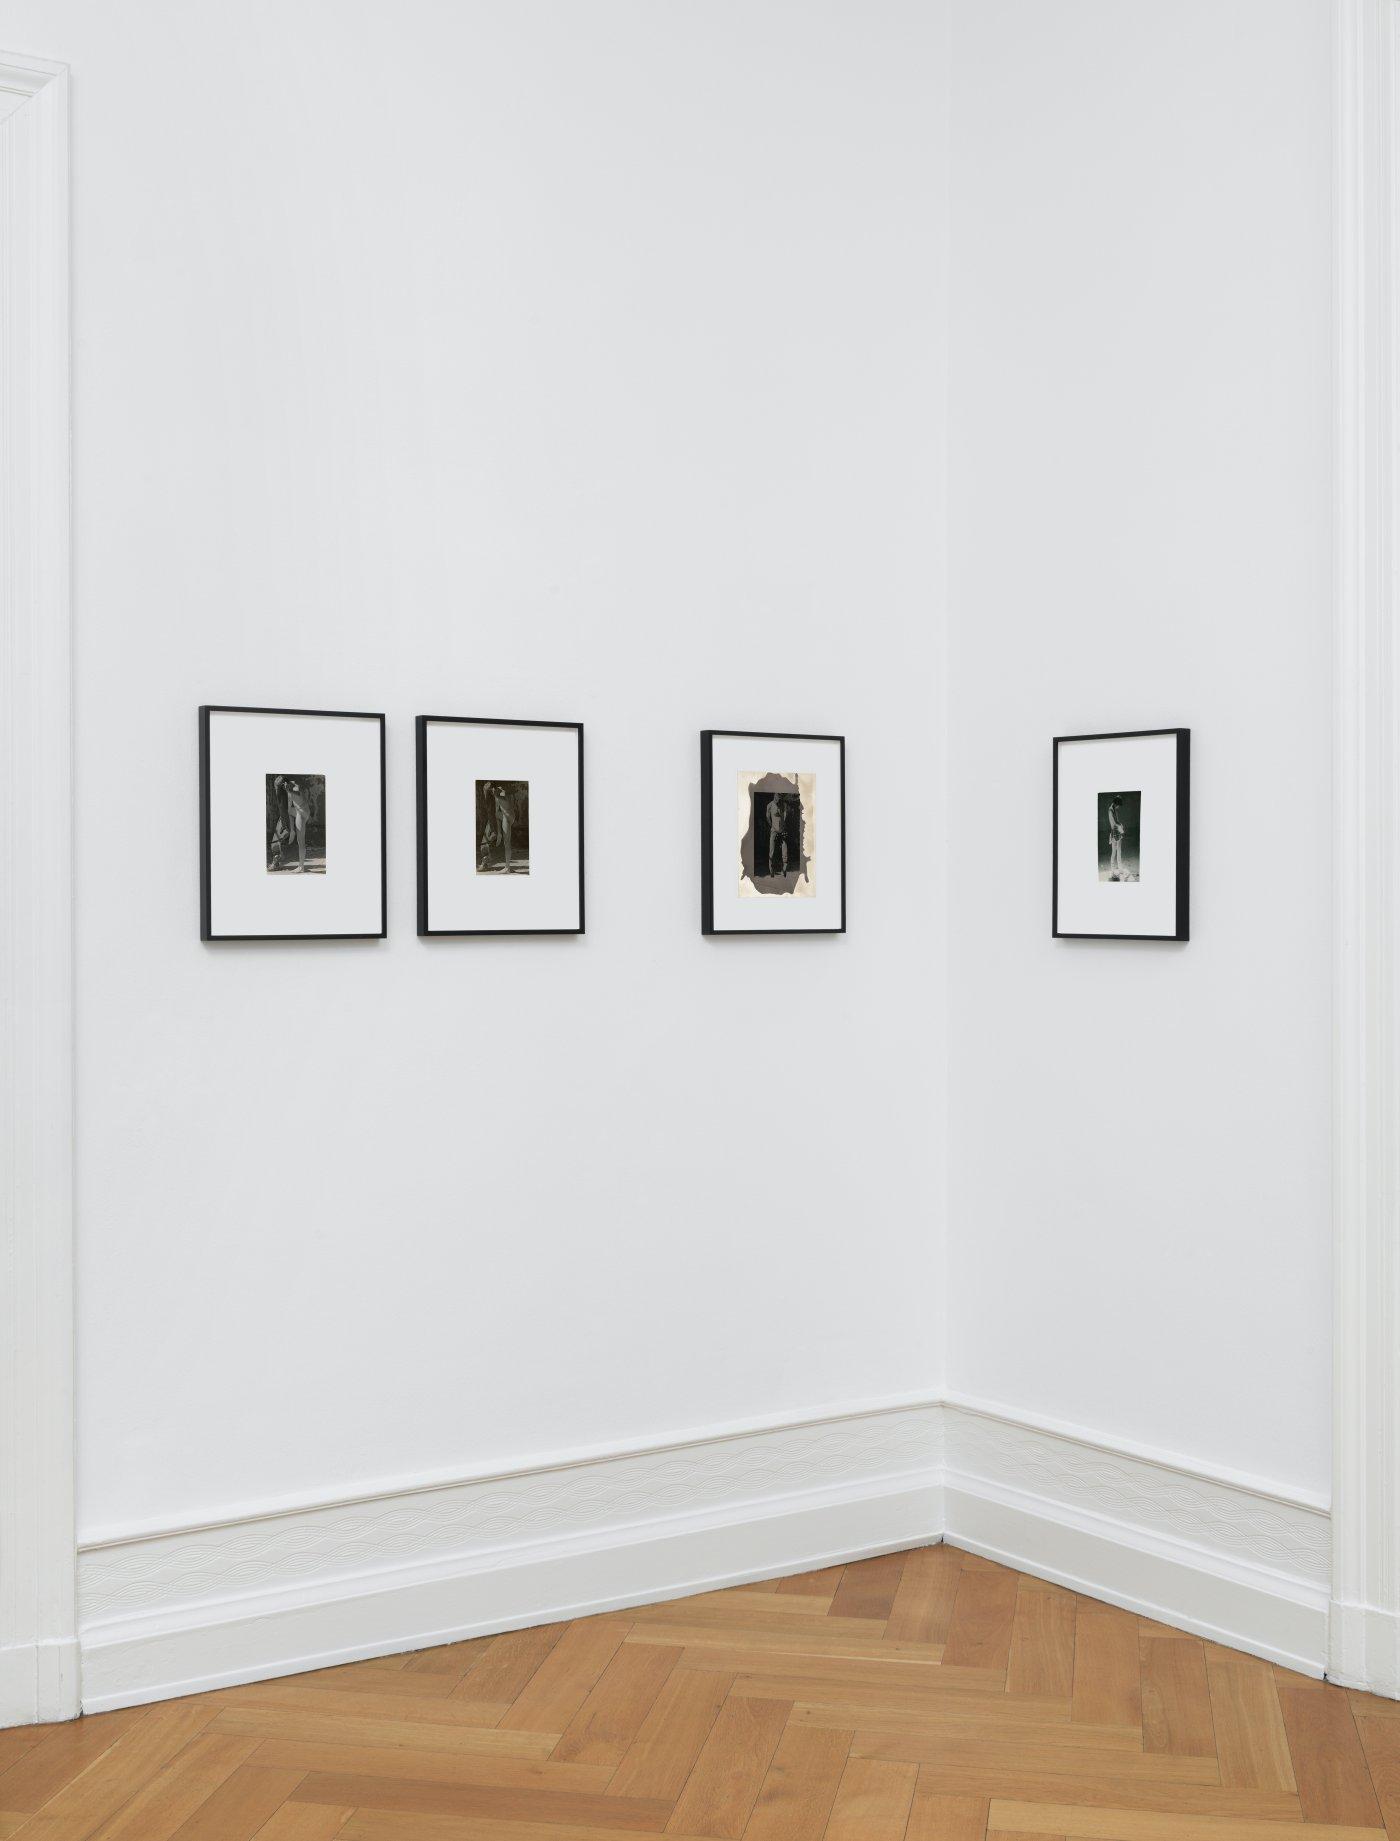 Galerie Buchholz Berlin Alvin Baltrop 5